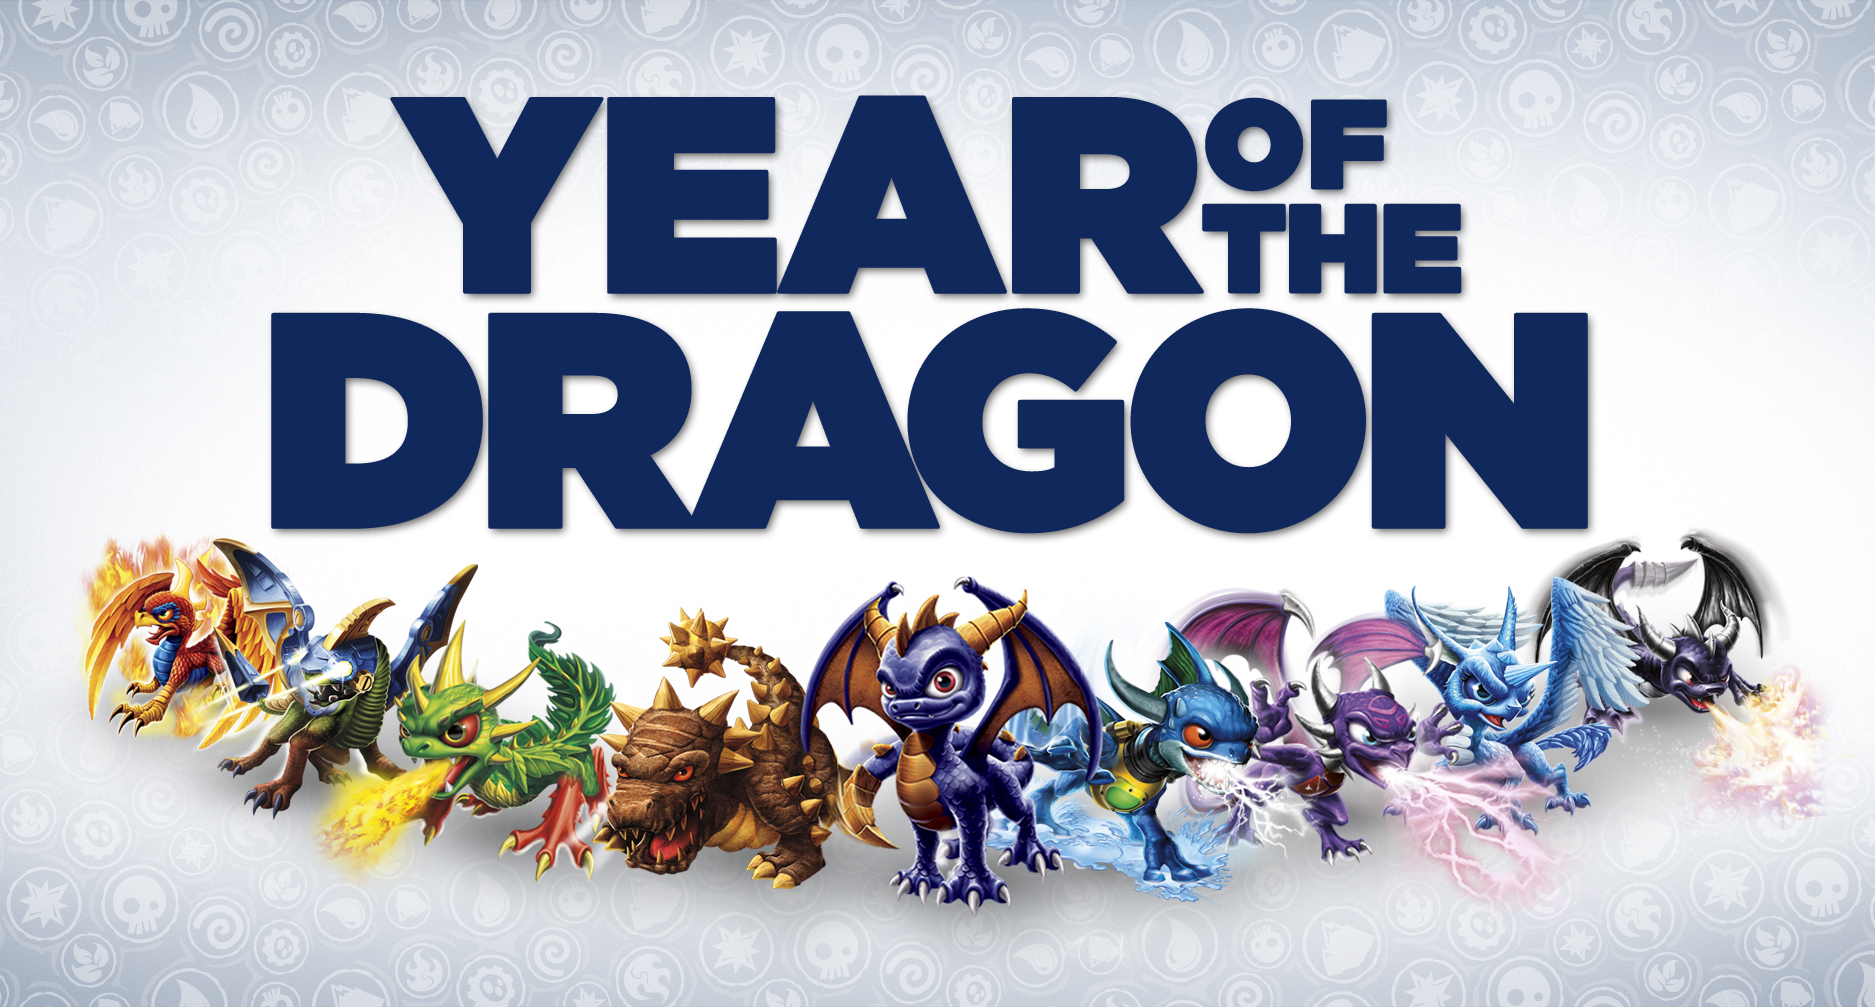 dragons skylanders wiki fandom powered by wikia